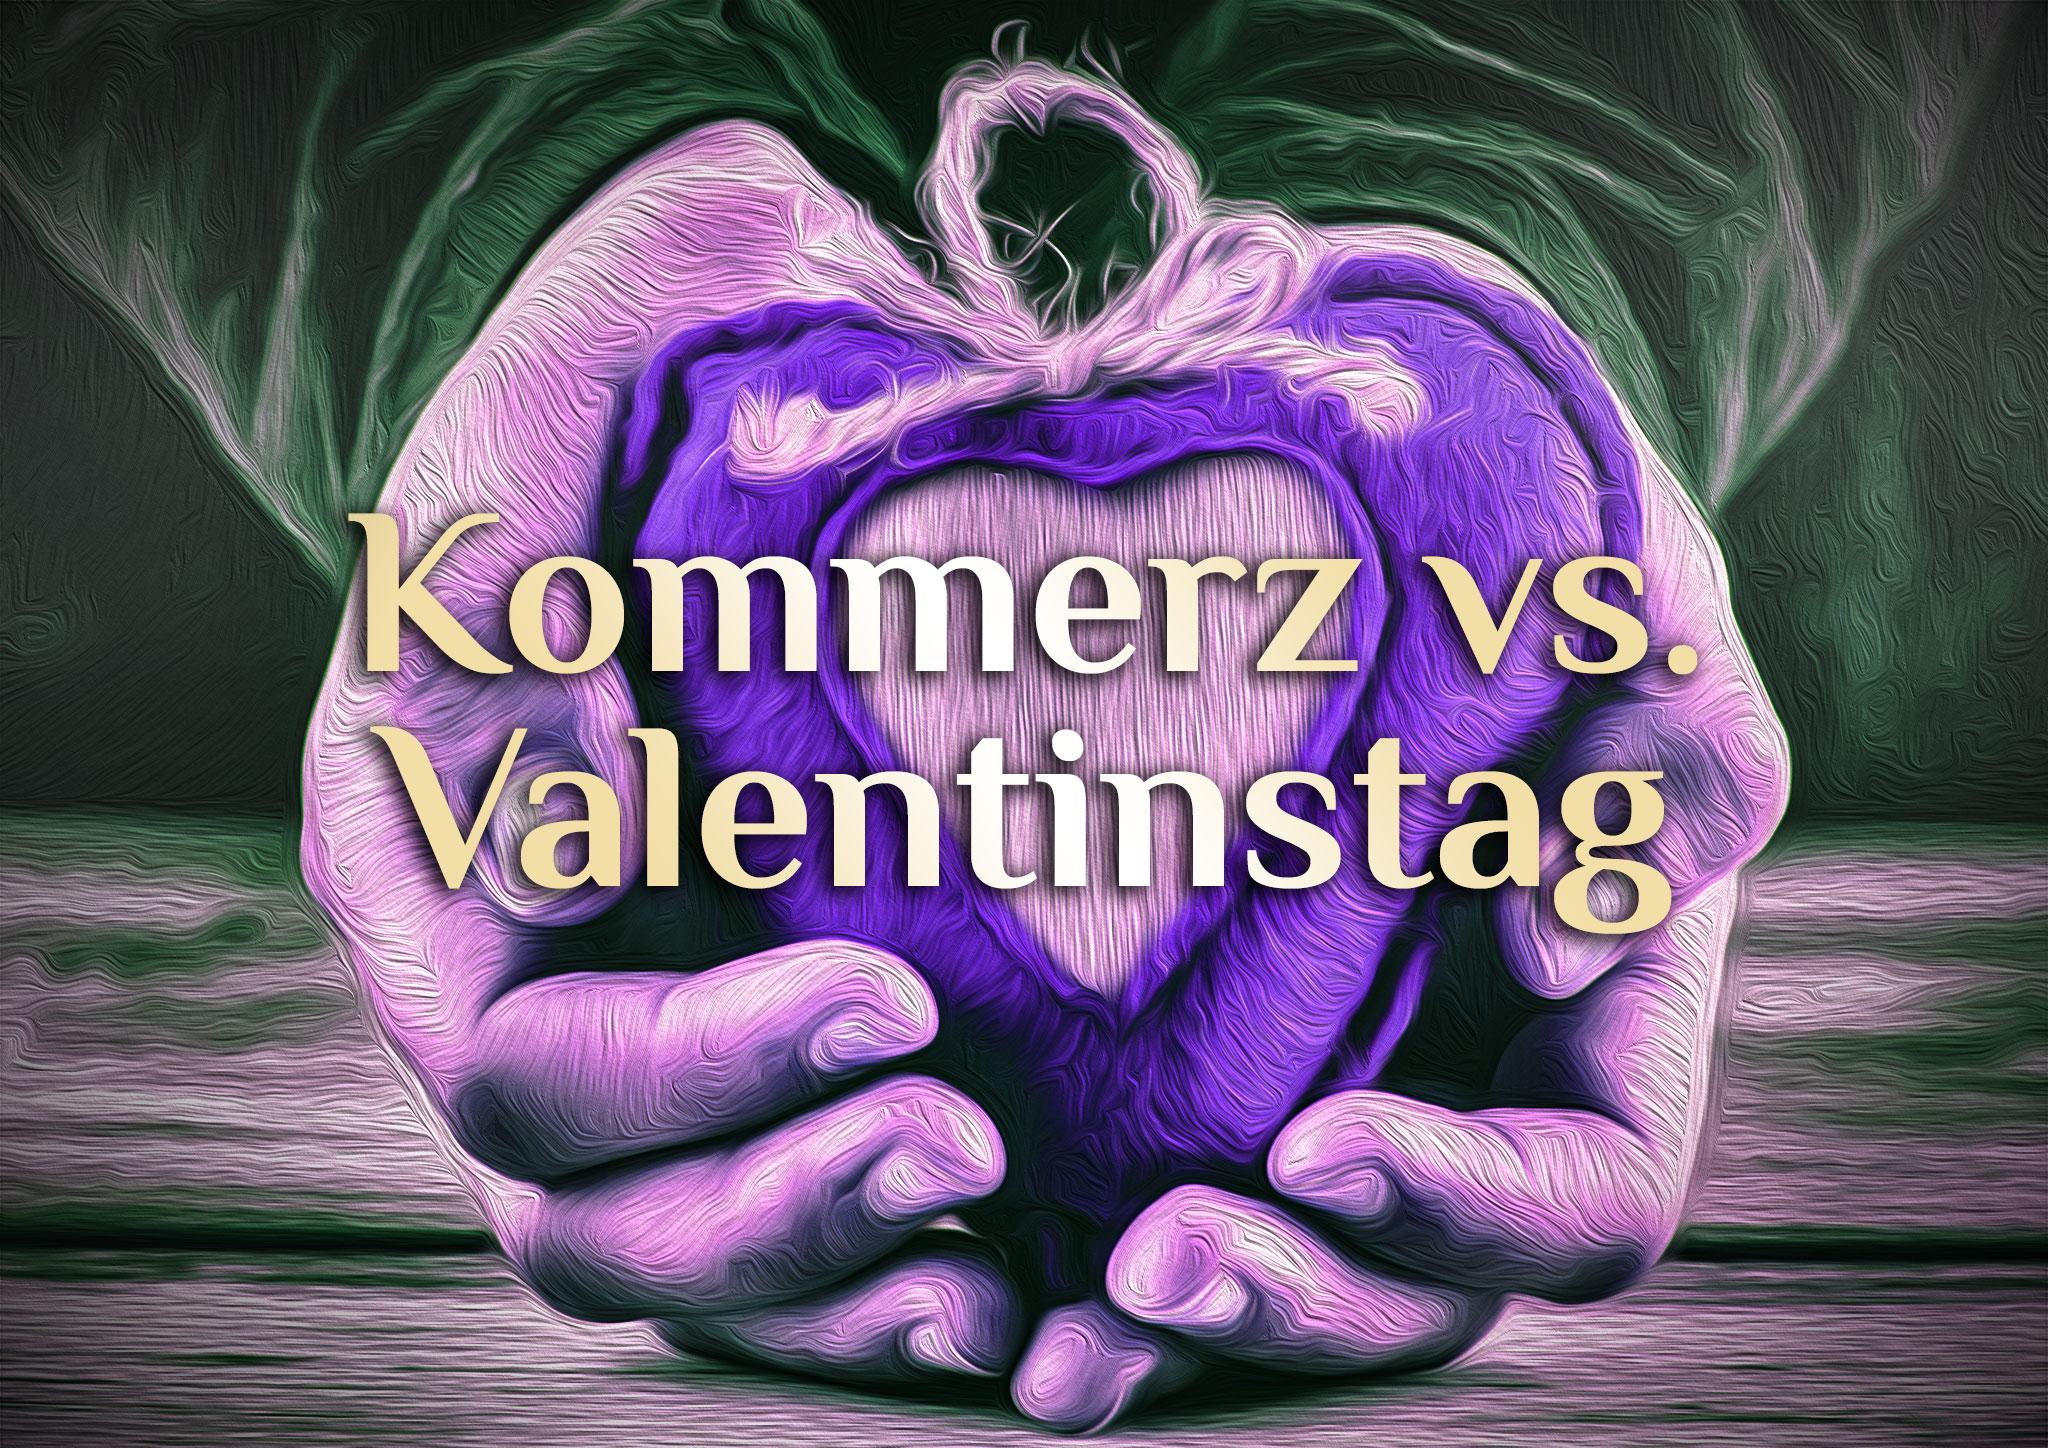 Valentinstag – Feiertag der Liebe & des Kommerz